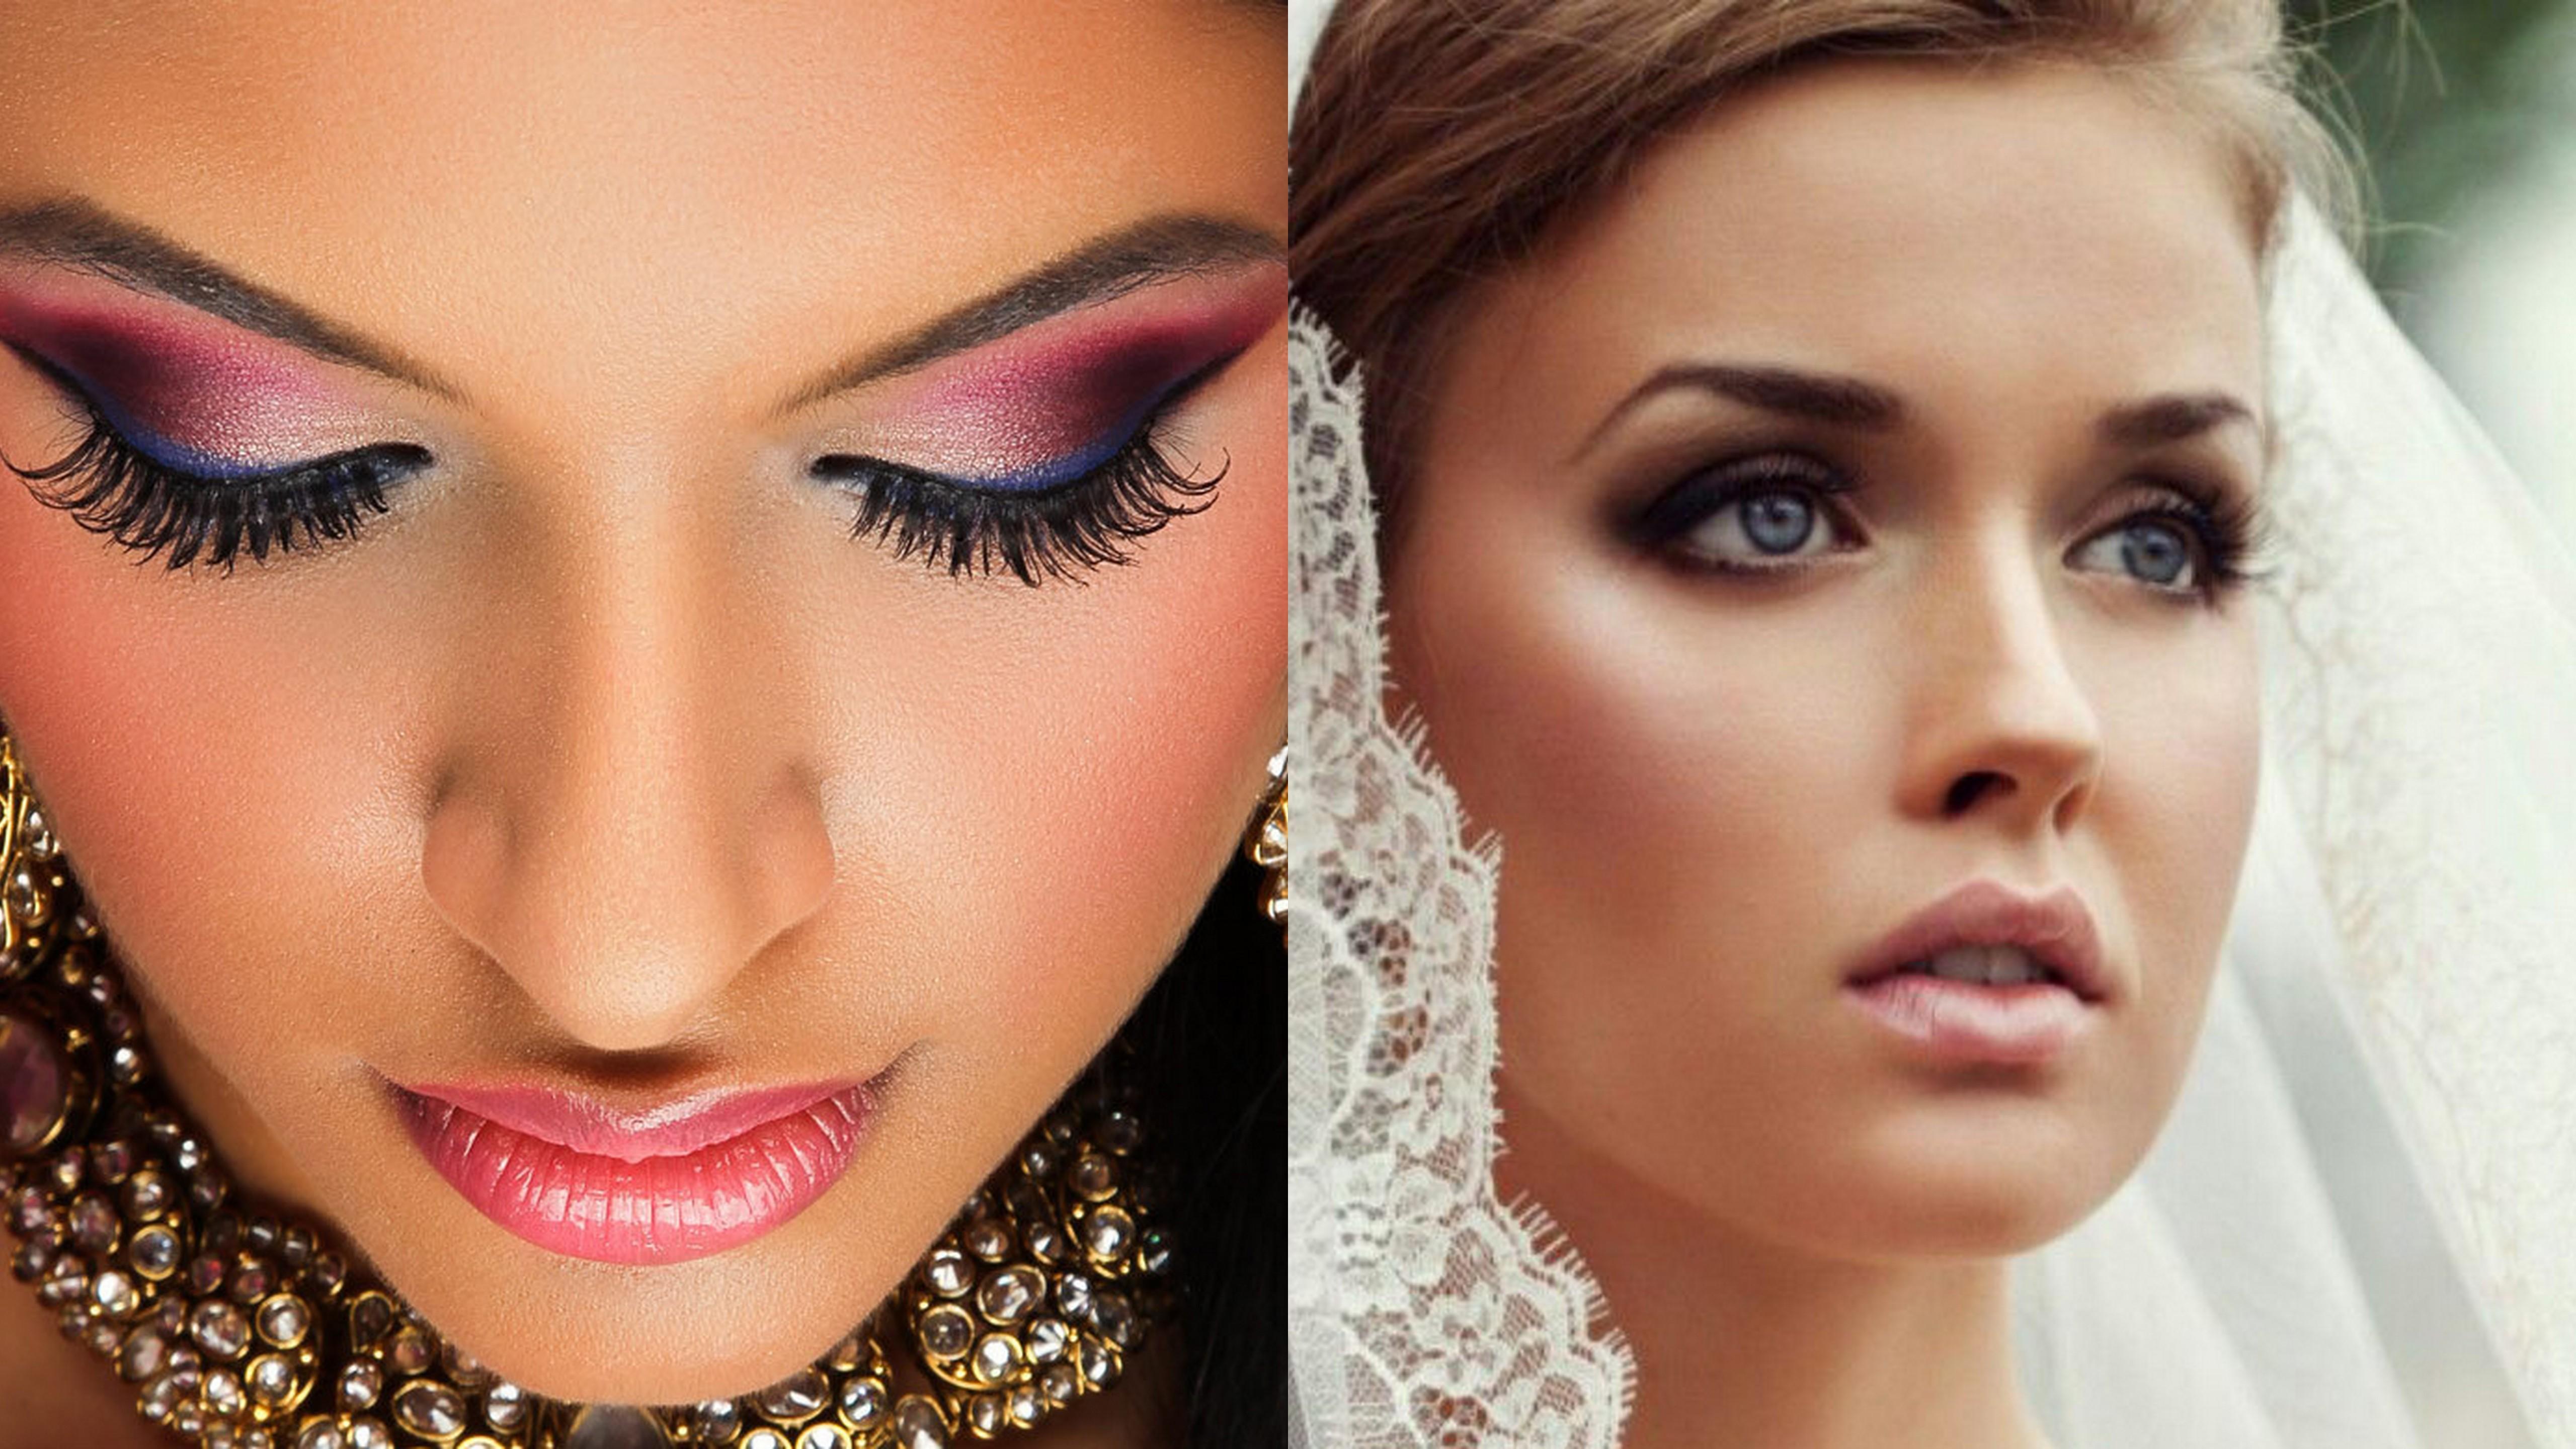 natural makeup look for brown eyes tan skin   Cosmetics Pictranslator